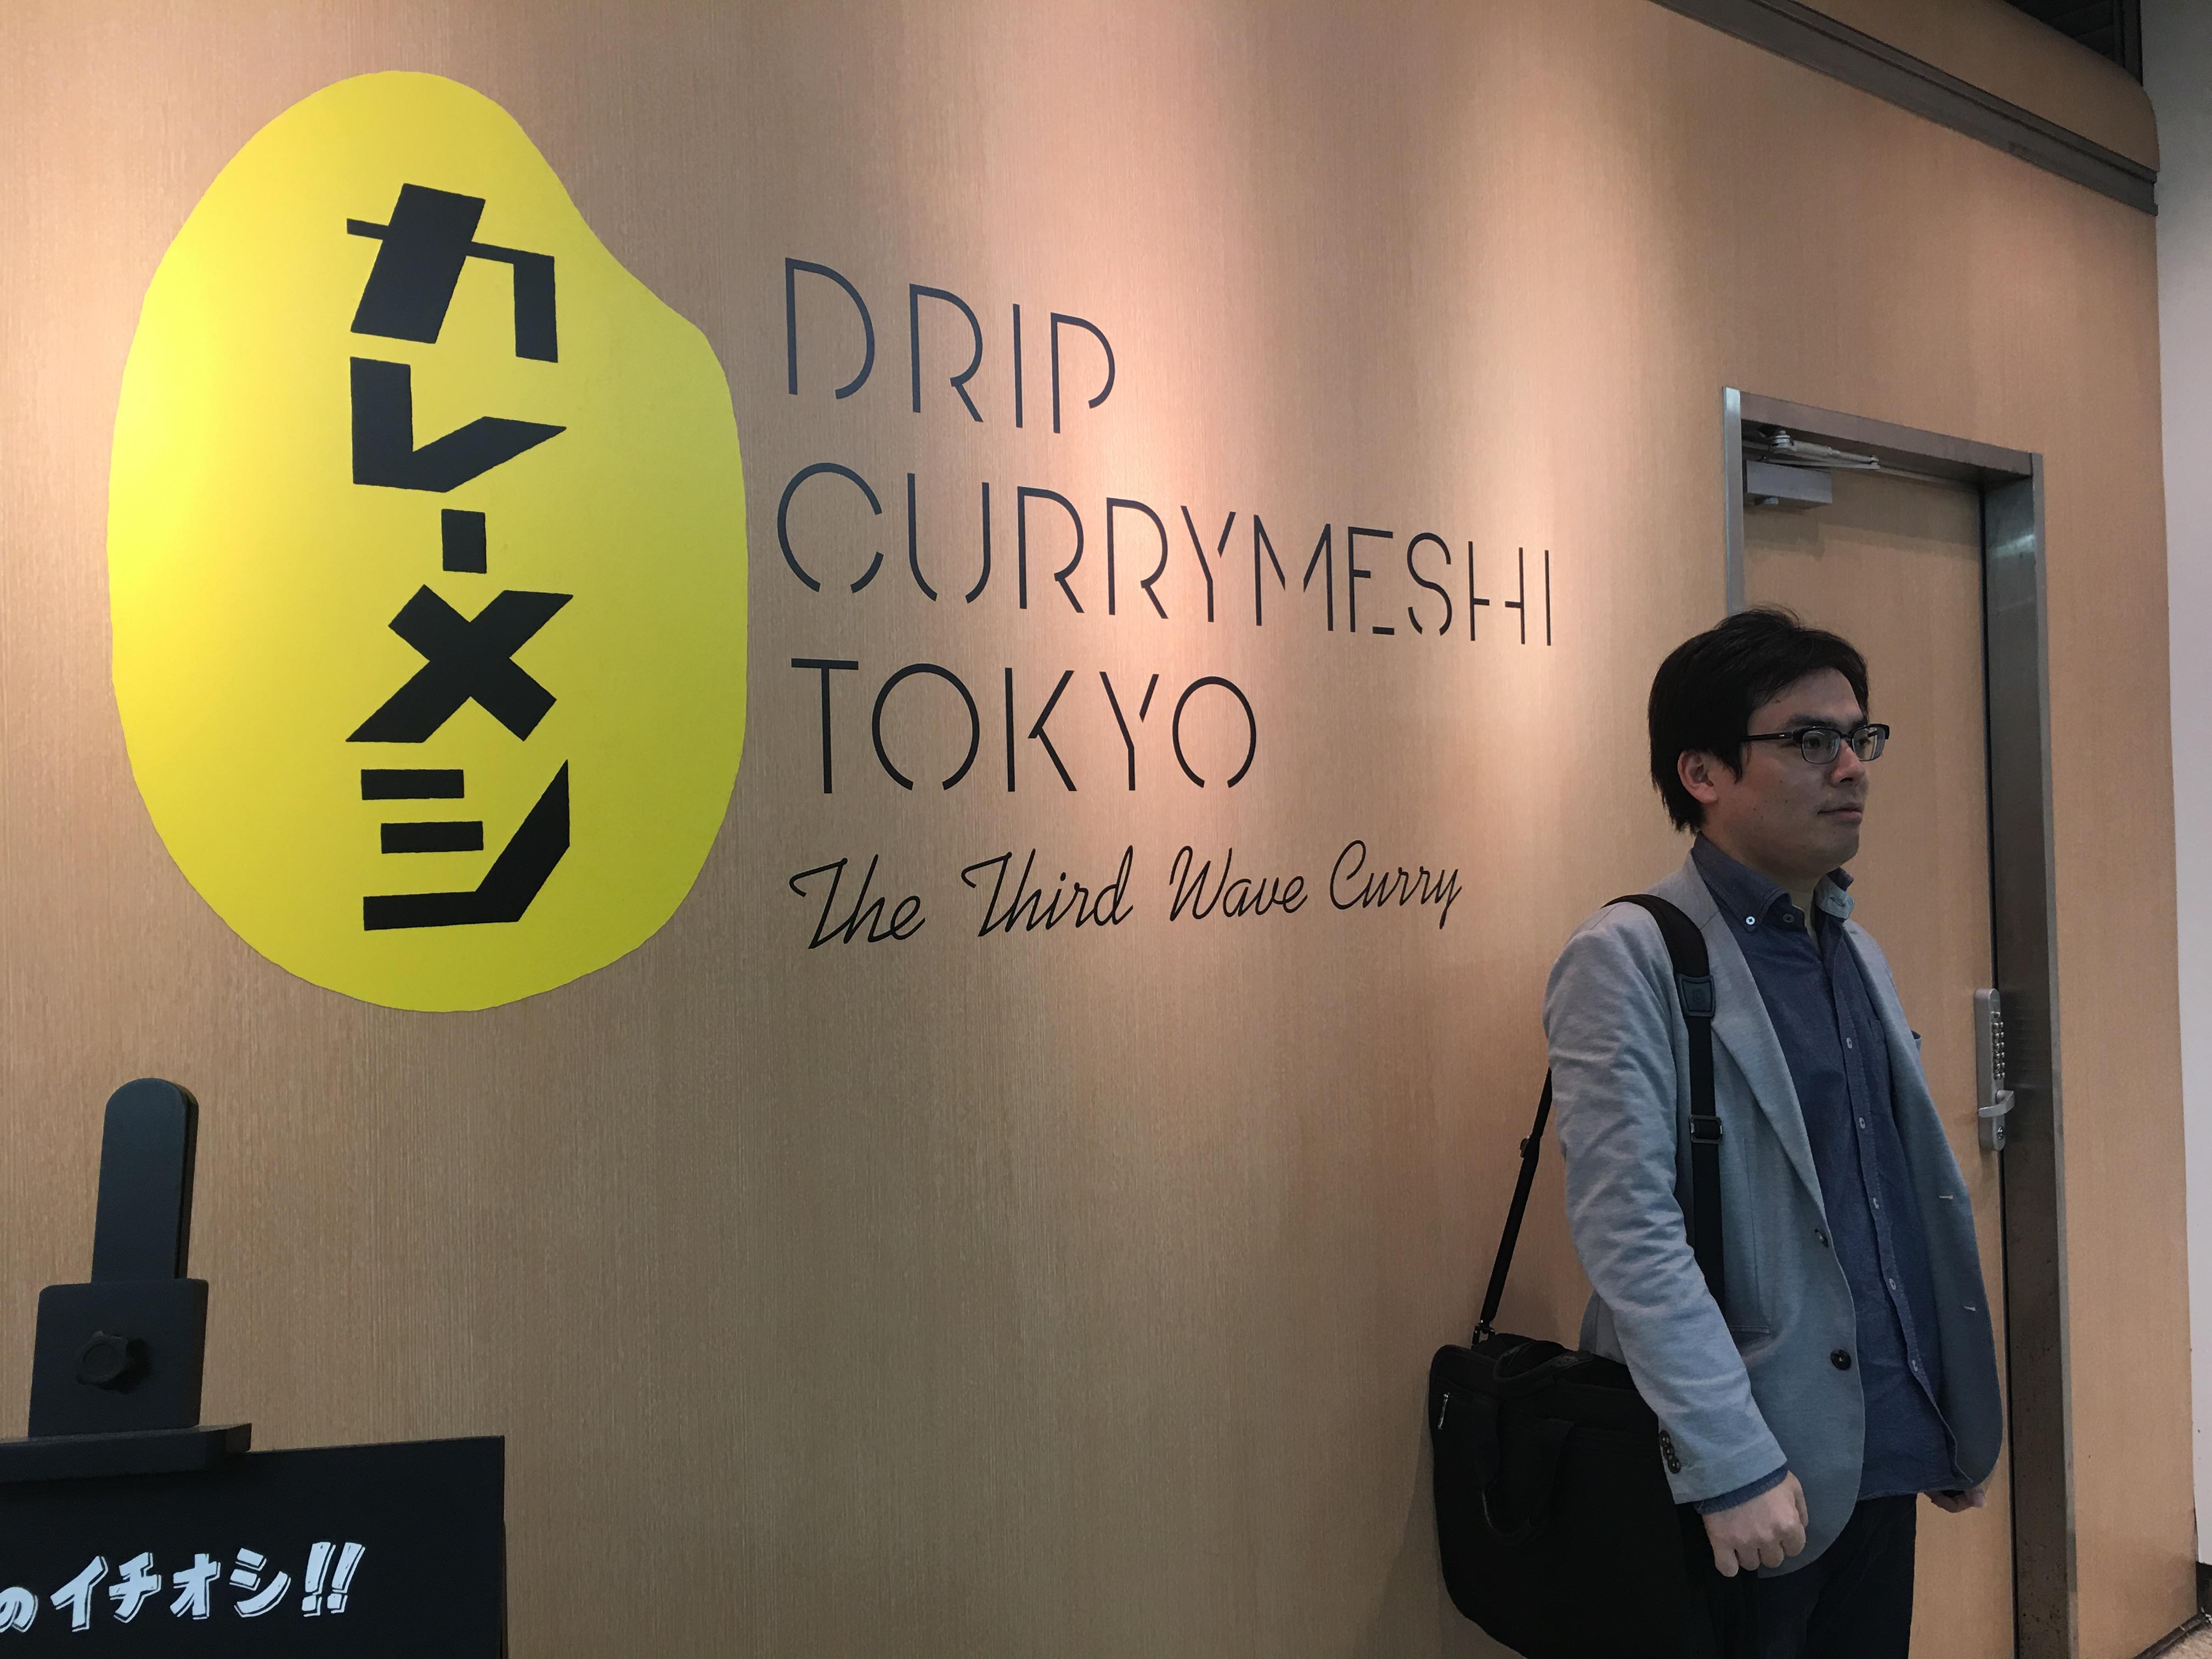 渋谷駅の普通じゃないカレーメシが食べられる店『DRIP CURRYMESHI TOKYO』